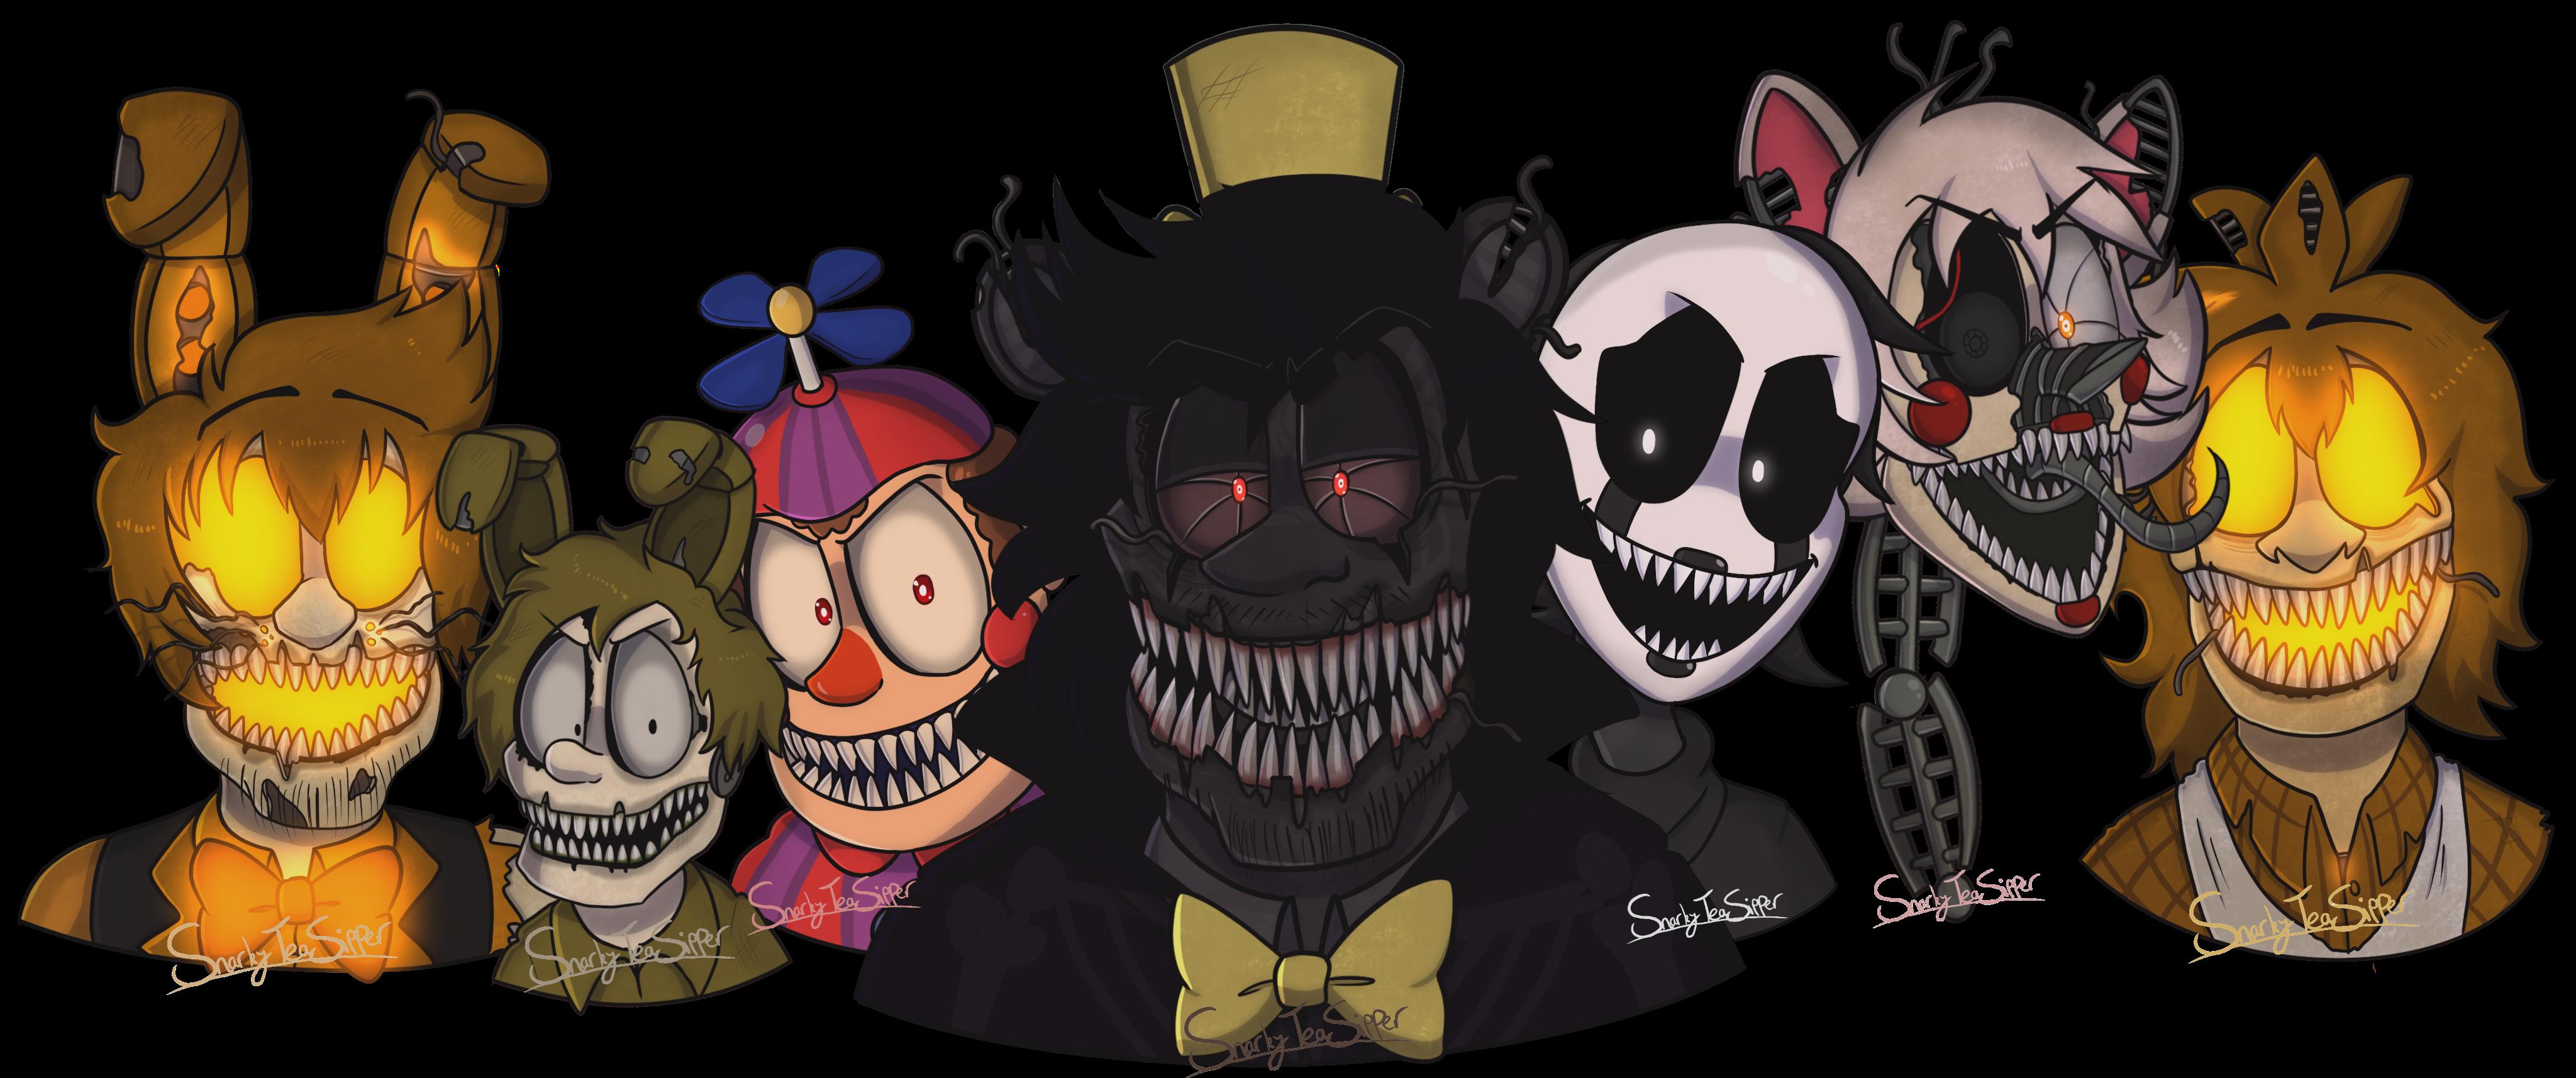 Halloween 2020 Fanart Halloween at Freddys (FNAF Fanart) by SnarkyTeaSipper on DeviantArt